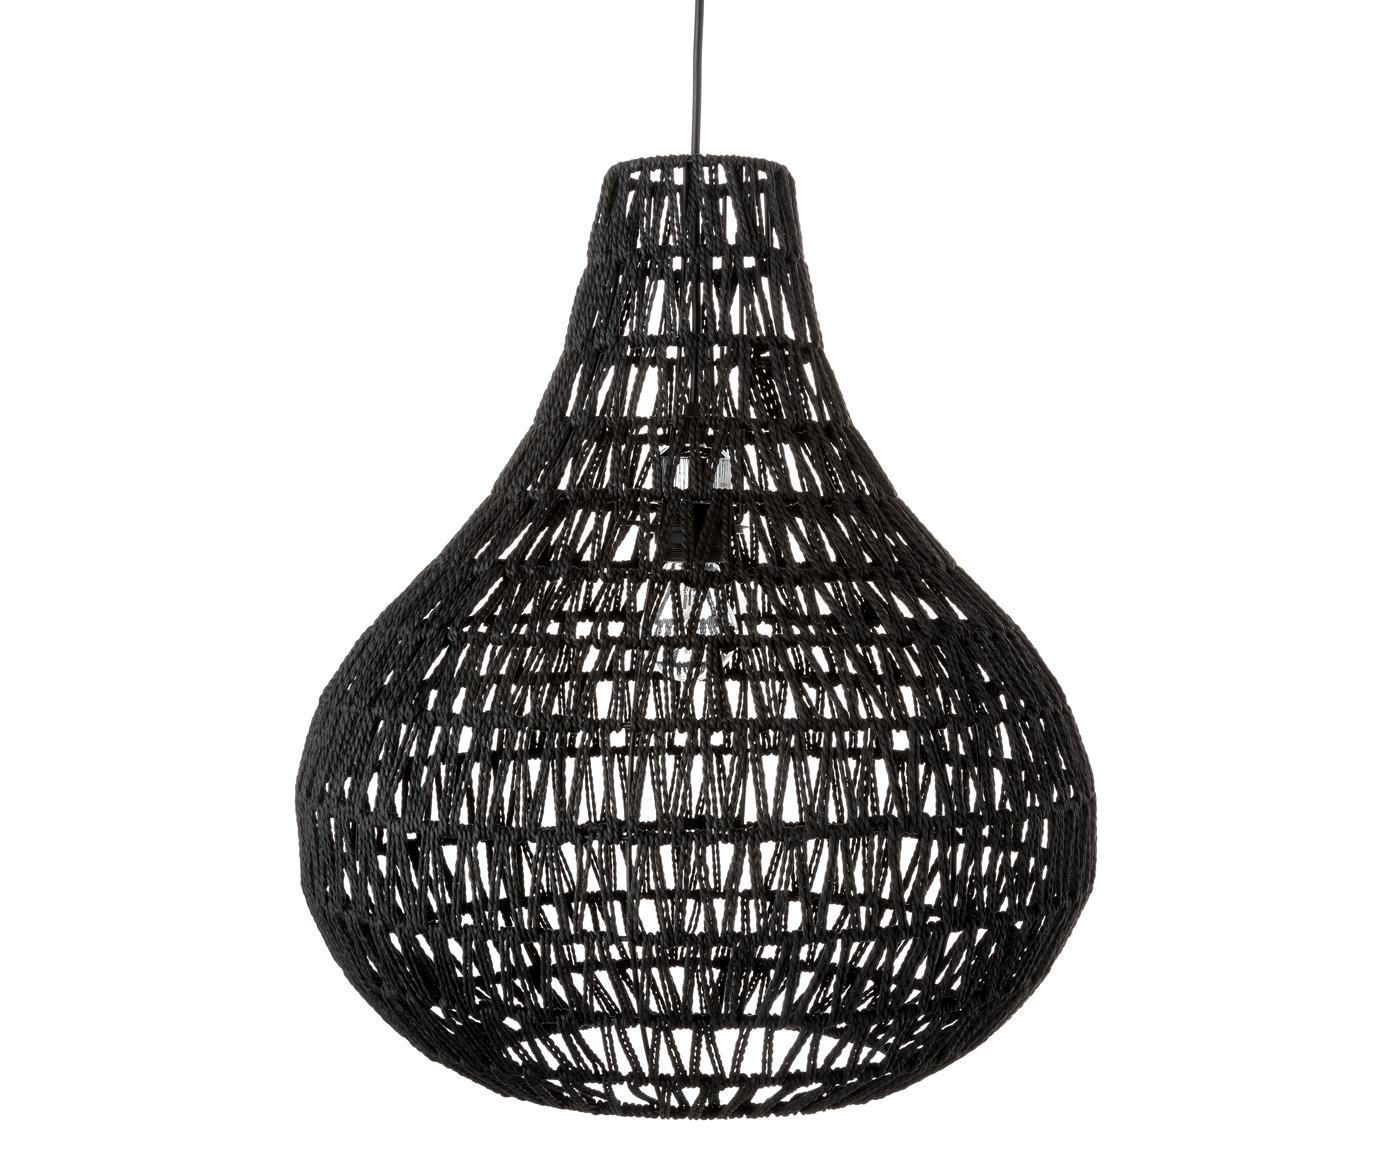 Lampada a sospensione in tessuto Cable Drop, Metallo, tessuto, Nero, Ø 45 x Alt. 51 cm